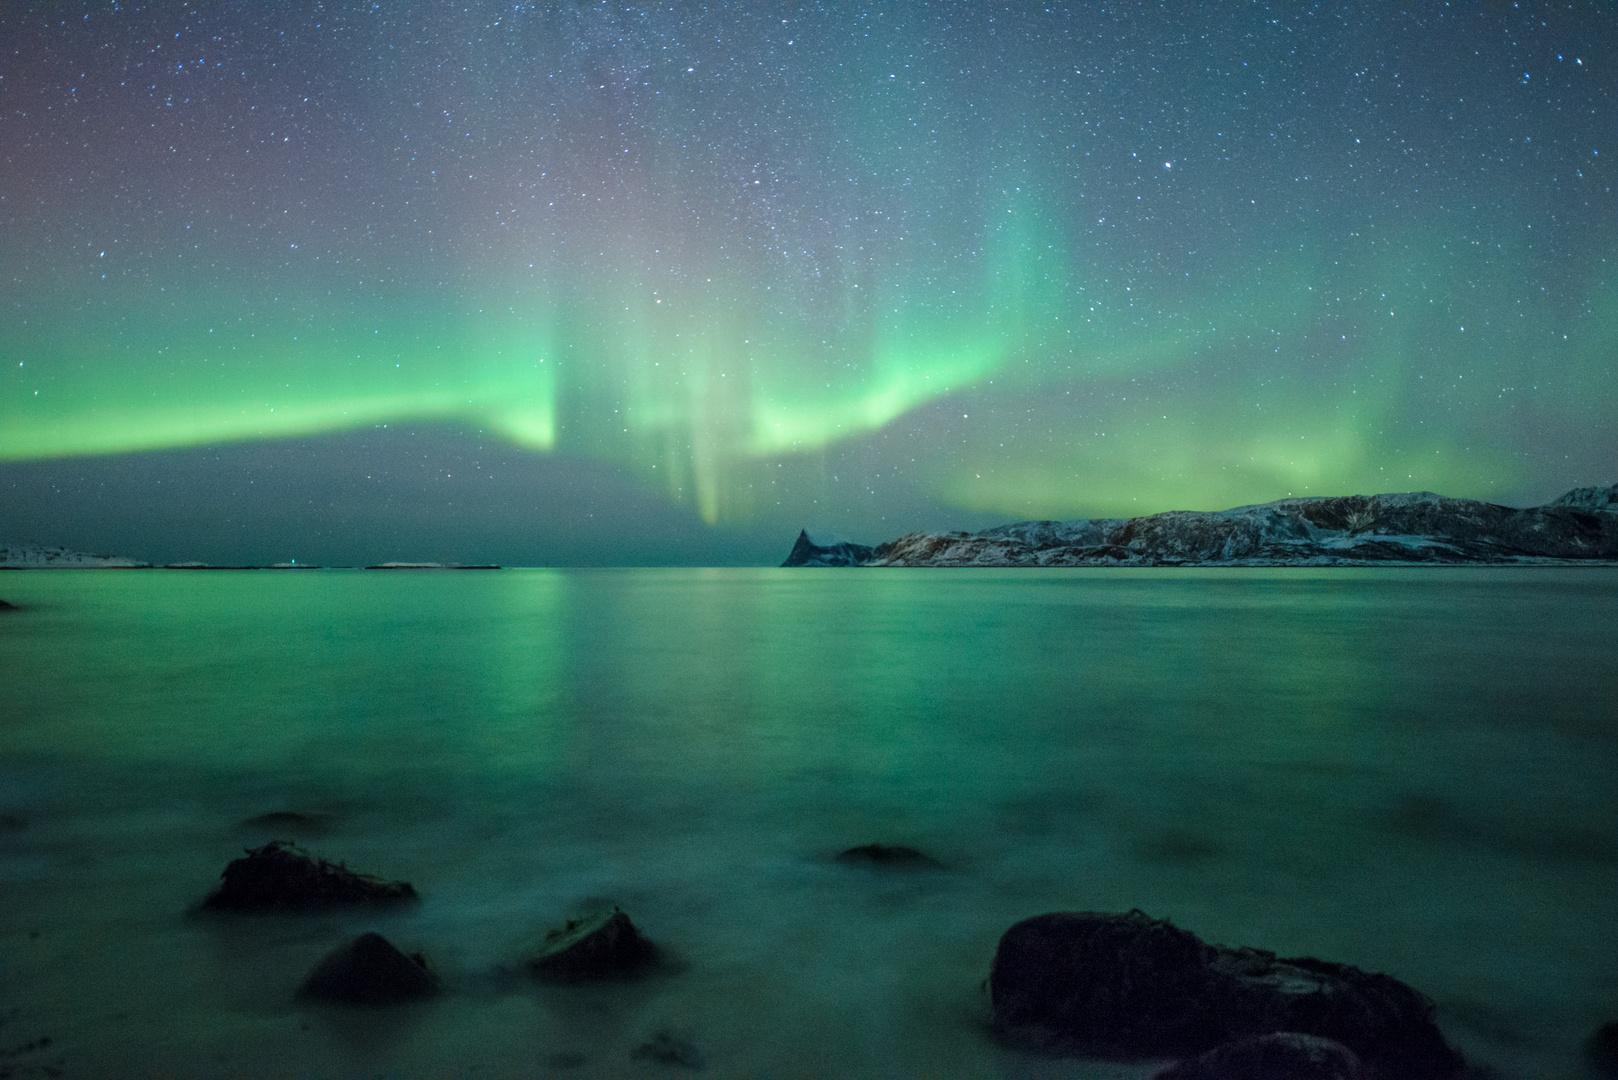 Lichtertanz über dem Meer